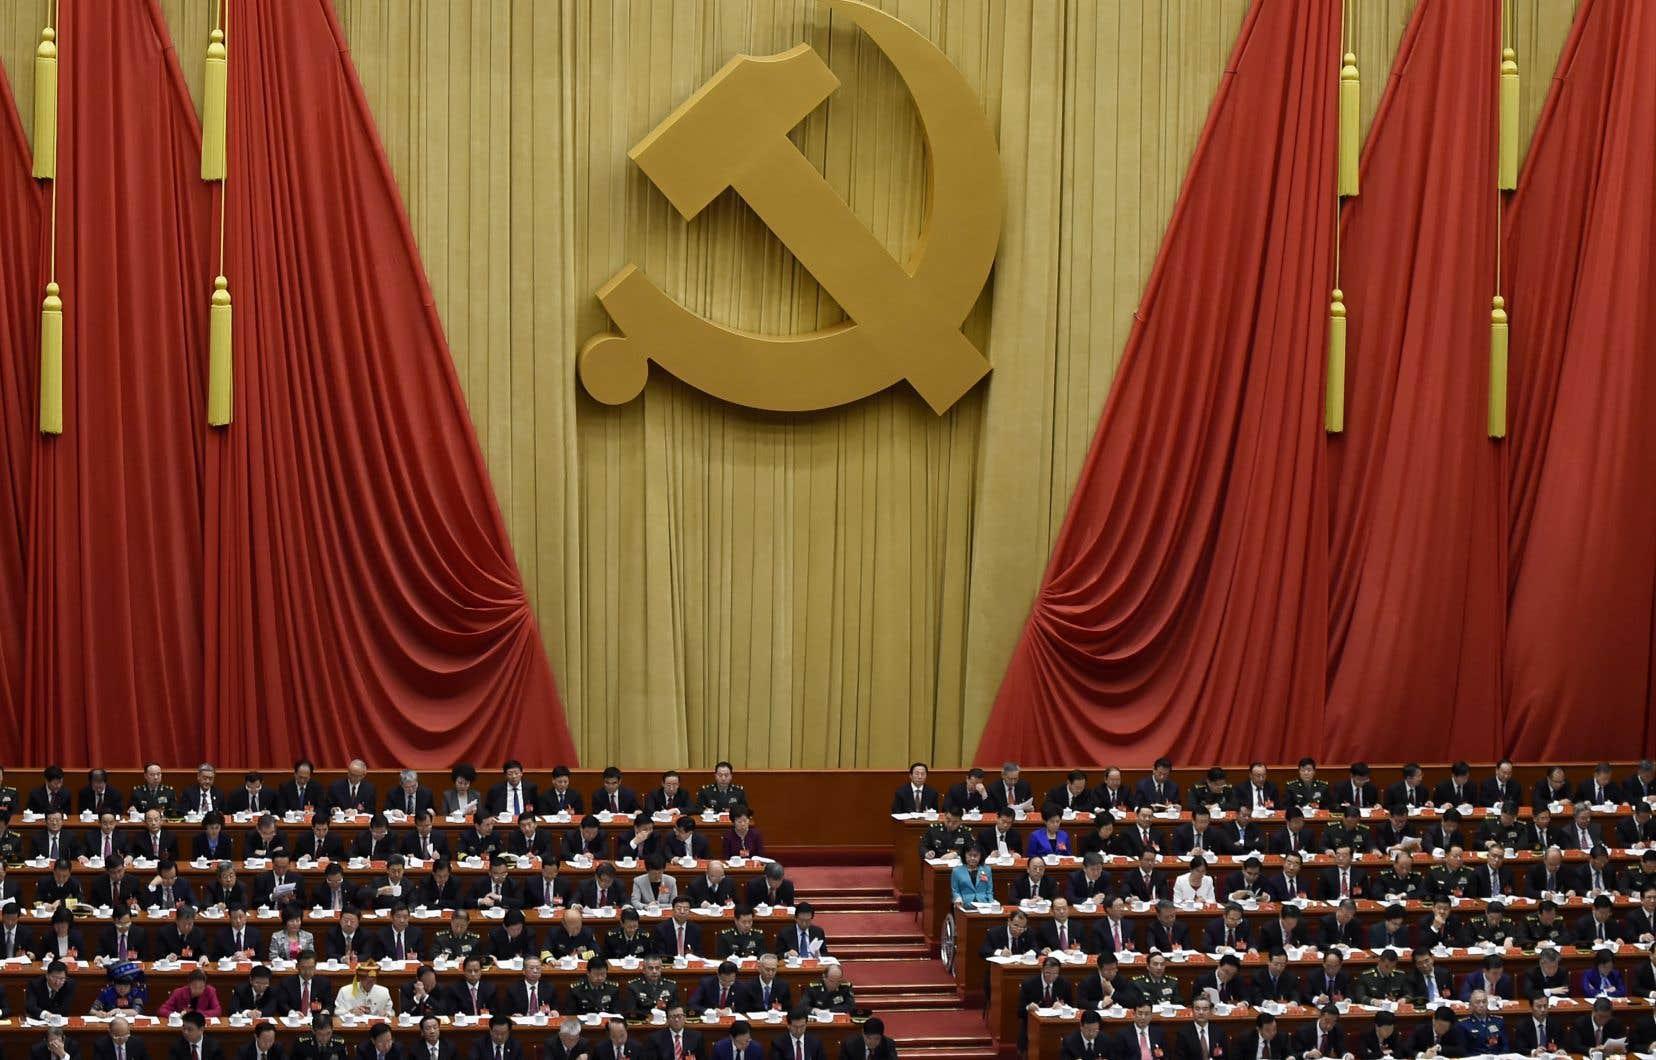 Le Congrès du Parti communiste chinois au pouvoir a lieu tous les cinq ans.